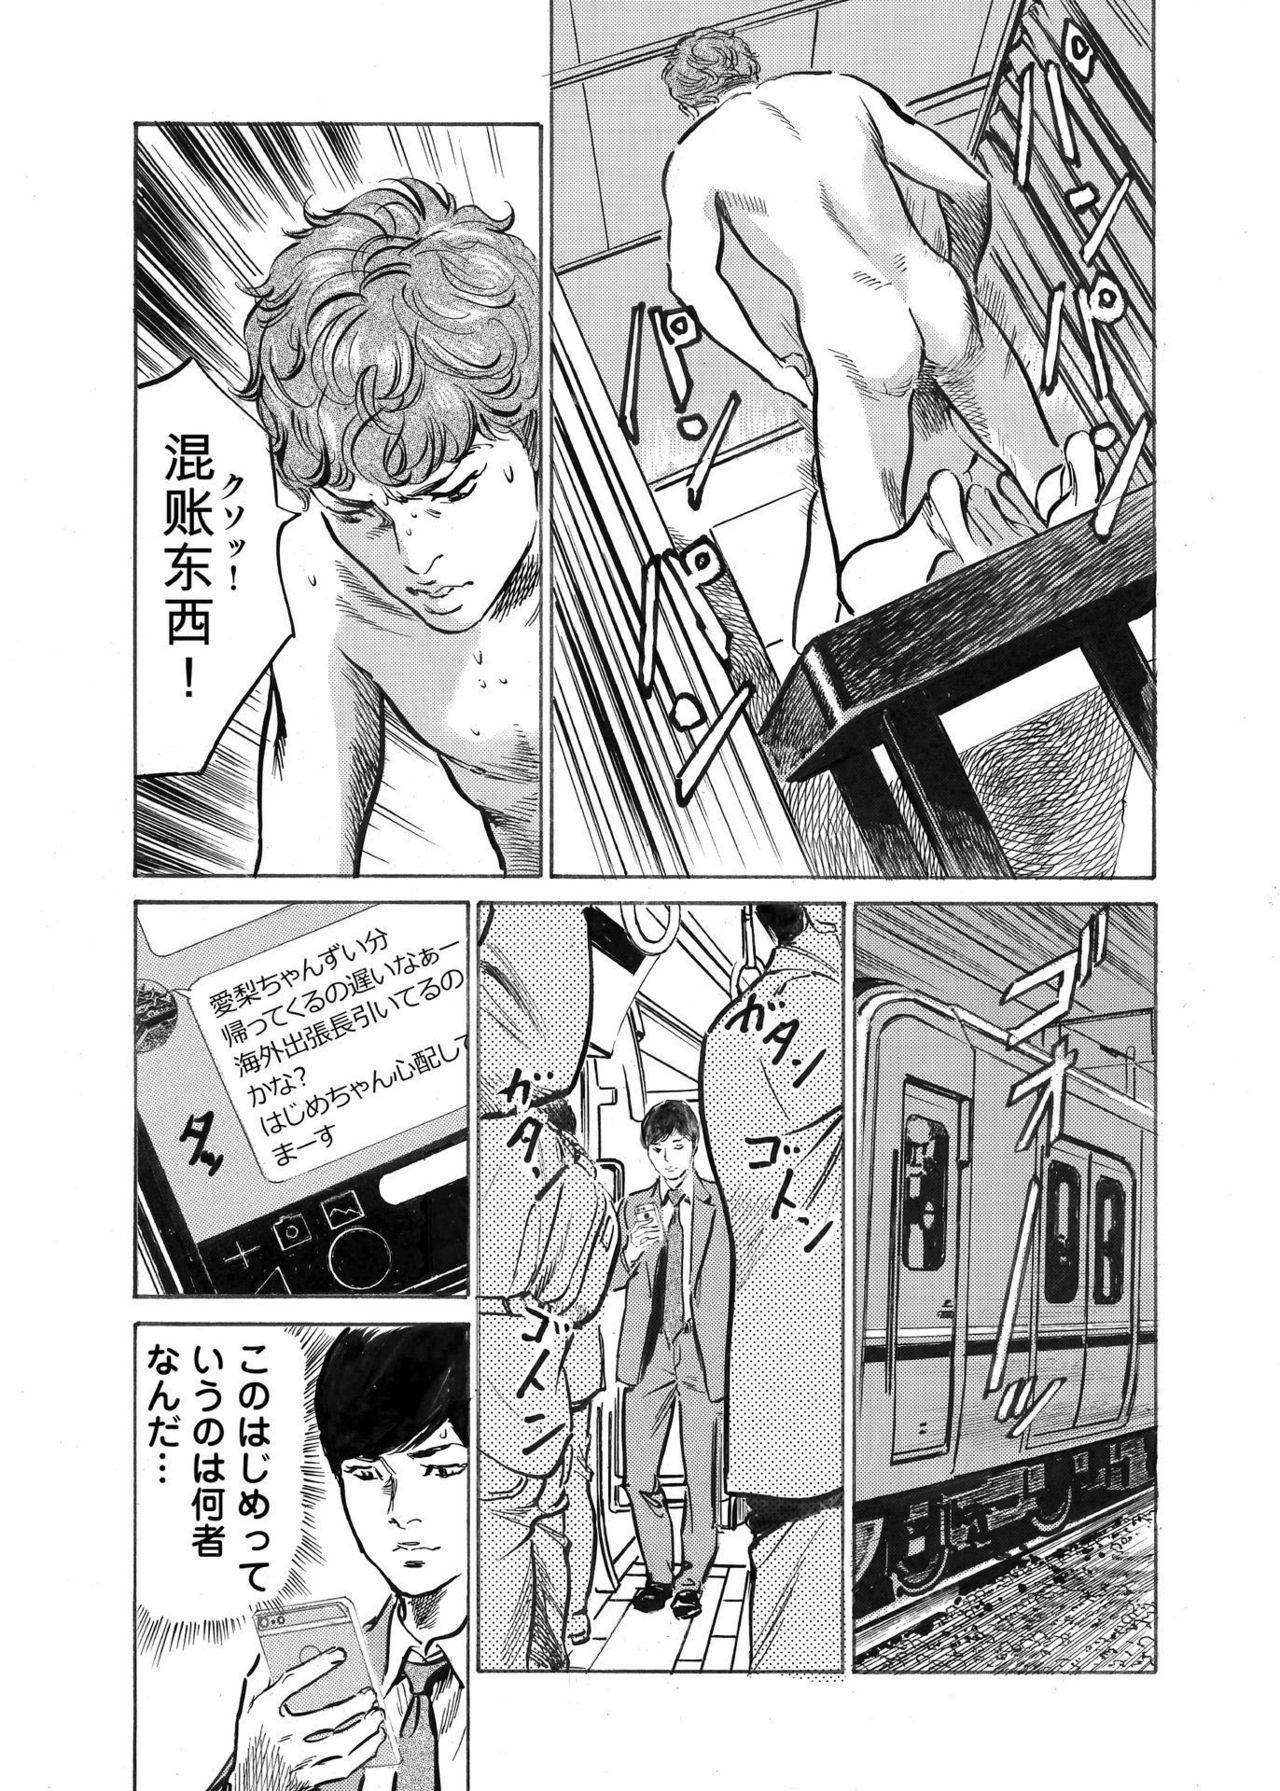 Ore wa Tsuma no Koto o Yoku Shiranai 1-9 238